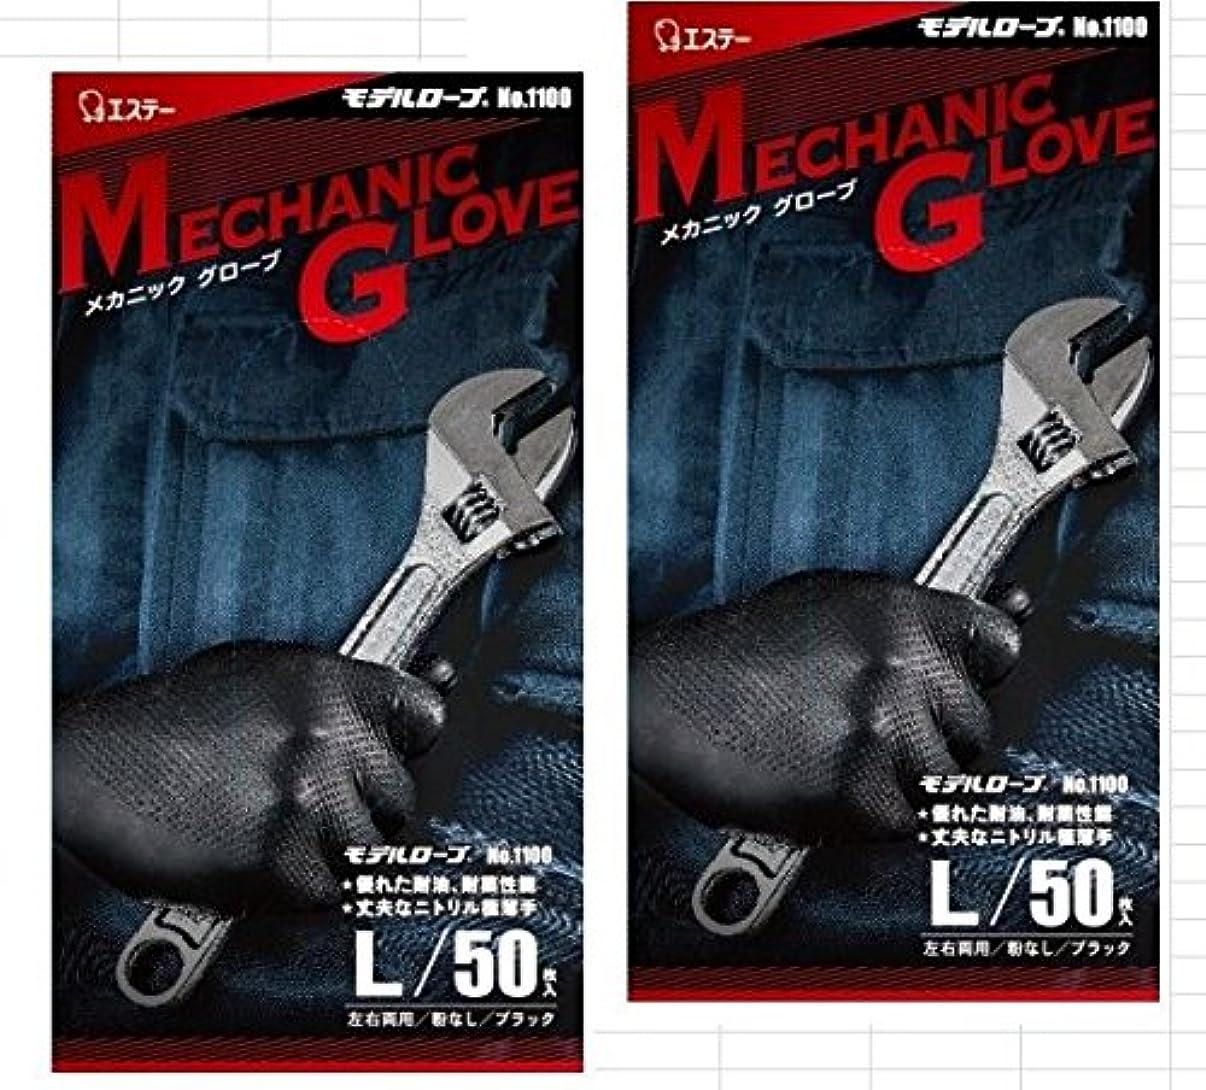 キャプションぬいぐるみシュガー【2組】モデルローブ No.1100 メカニックグローブ Lサイズ ブラック 50枚 …